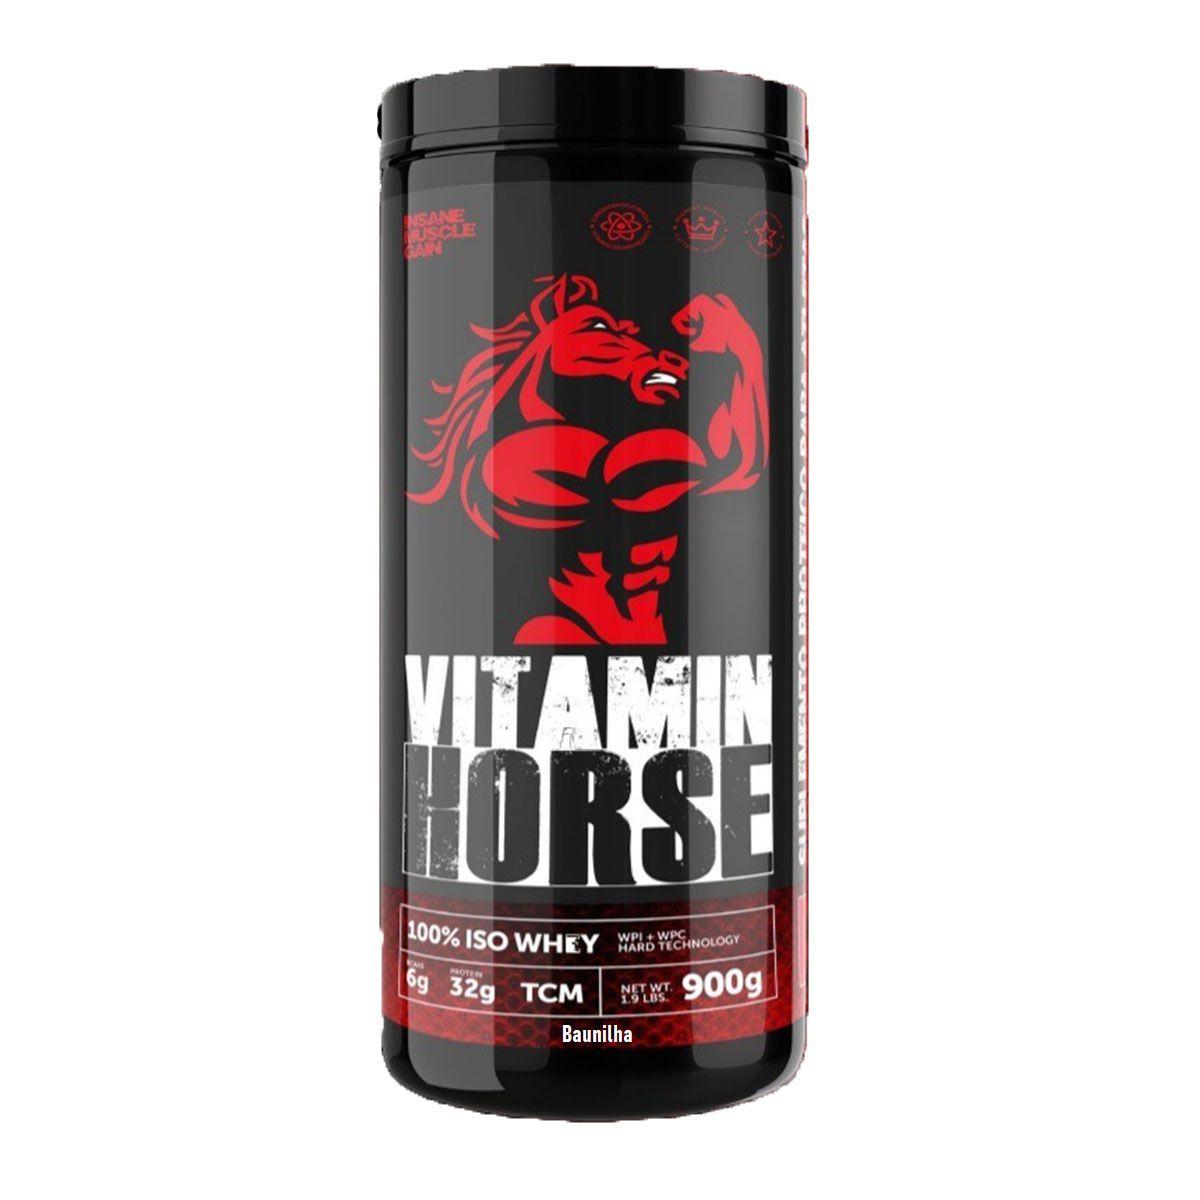 100% Iso Whey 900g - Vitamin Horse